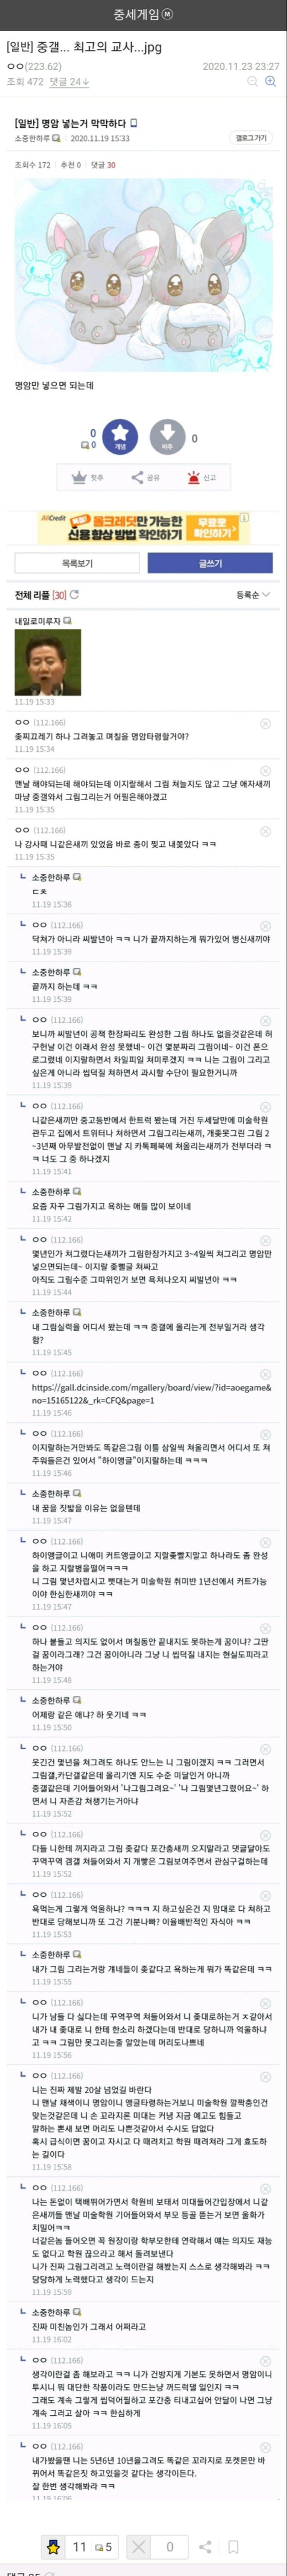 viewimage.php?id=2ebcc232eadd36997d&no=24b0d769e1d32ca73fec84fa11d0283195228ddcef8f2e560a89fed9a73de121655d54fea3d879f26324bed1d35dcb41e6cdbc2921846f3a662e8be1ef82602992adfbf304cf528d6657426715ba81cc522c954ffe